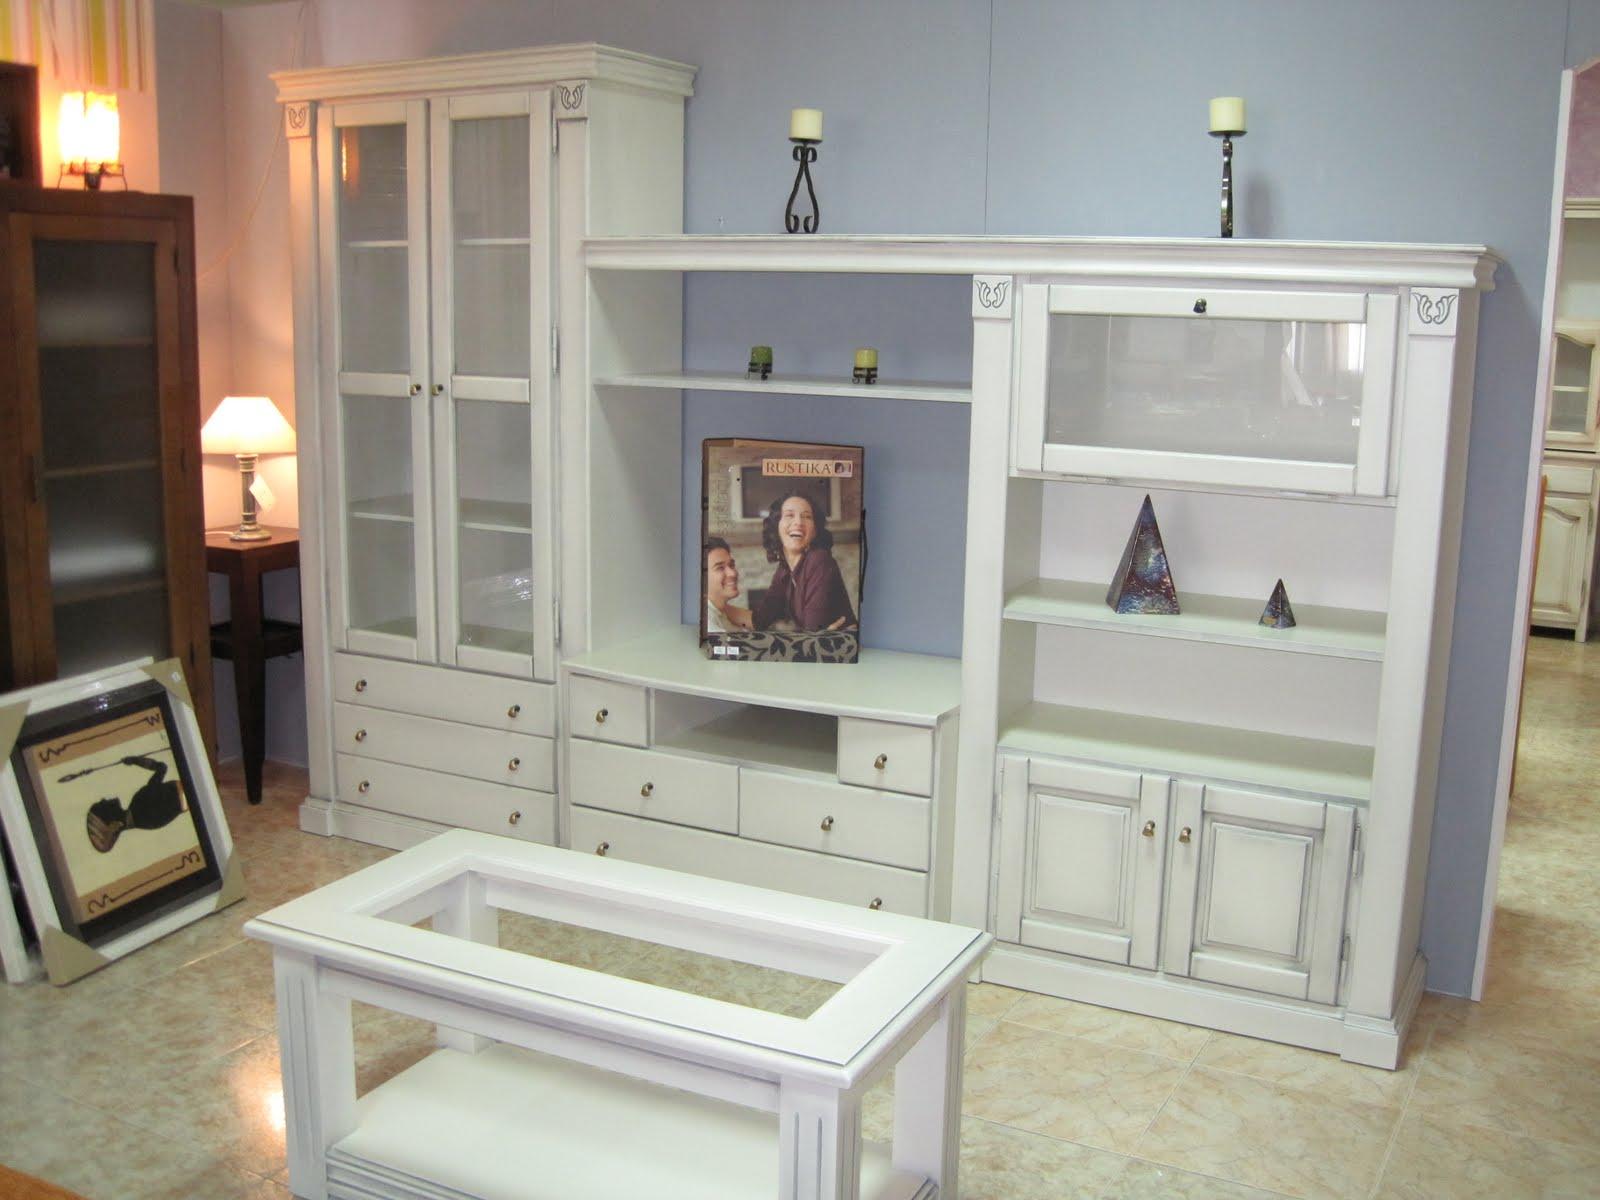 Muebles arcecoll muebles neoclasico en blanco - Muebles blanco envejecido ...